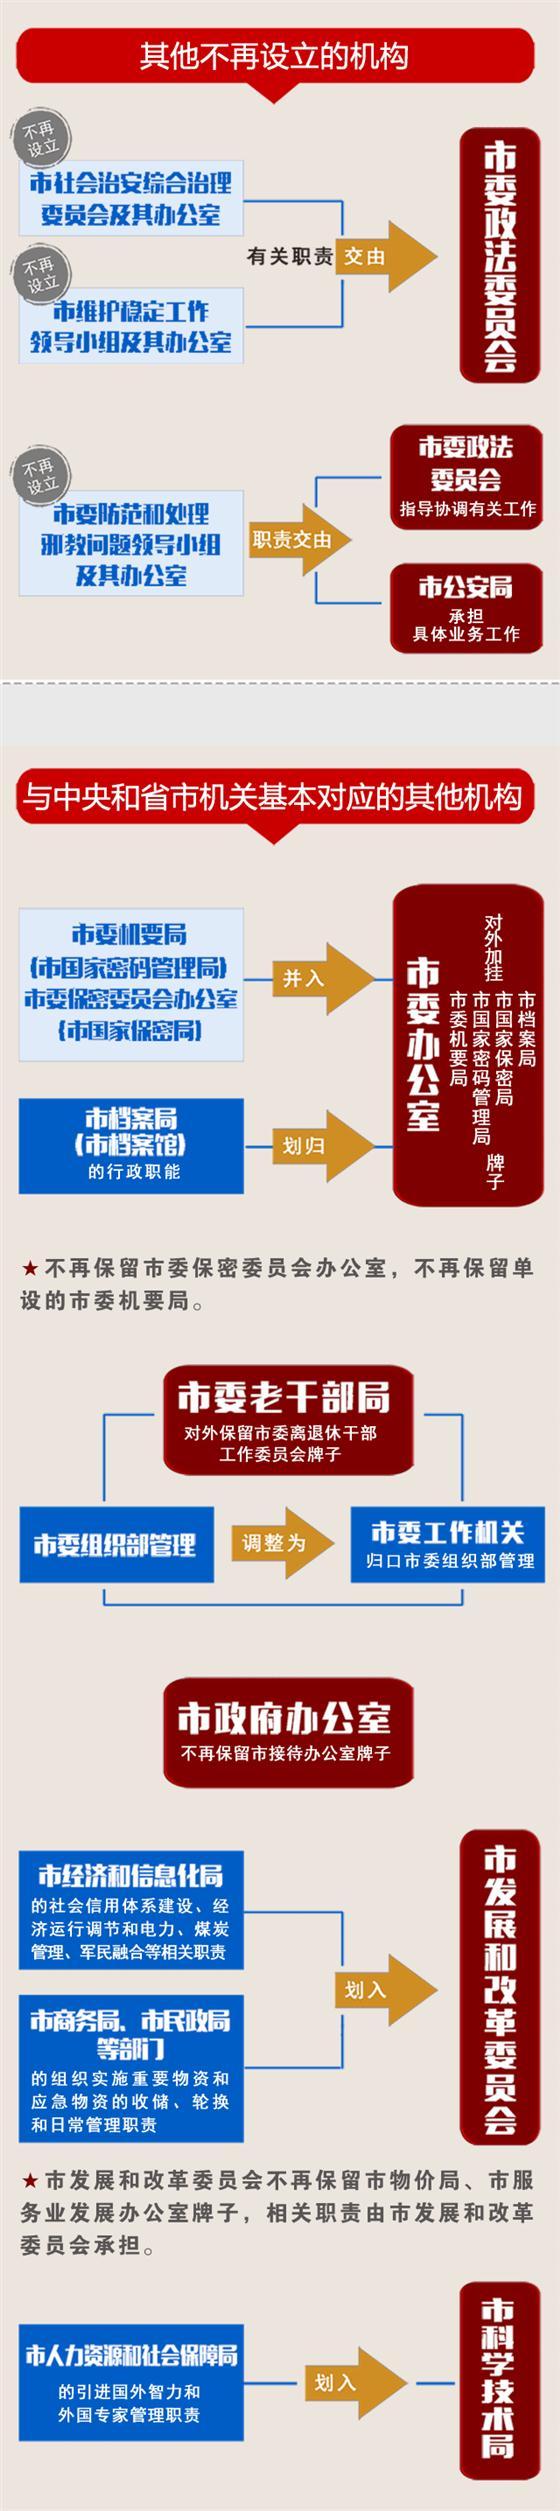 一张图读懂溧阳市机构改革方案